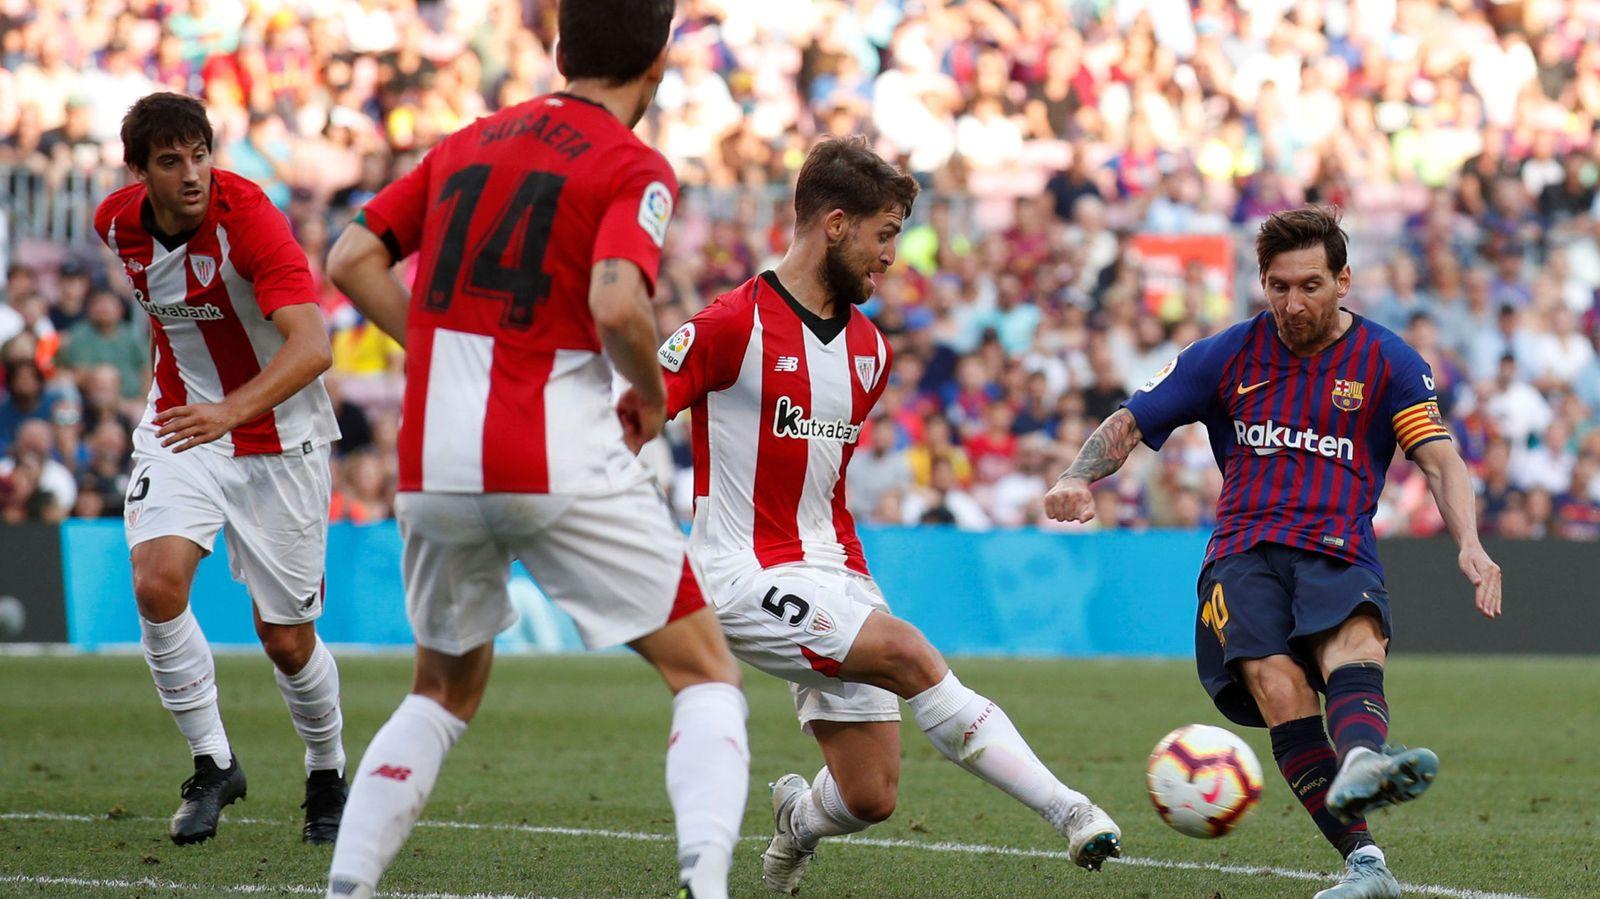 Foto: La liga santander - fc barcelona v athletic bilbao